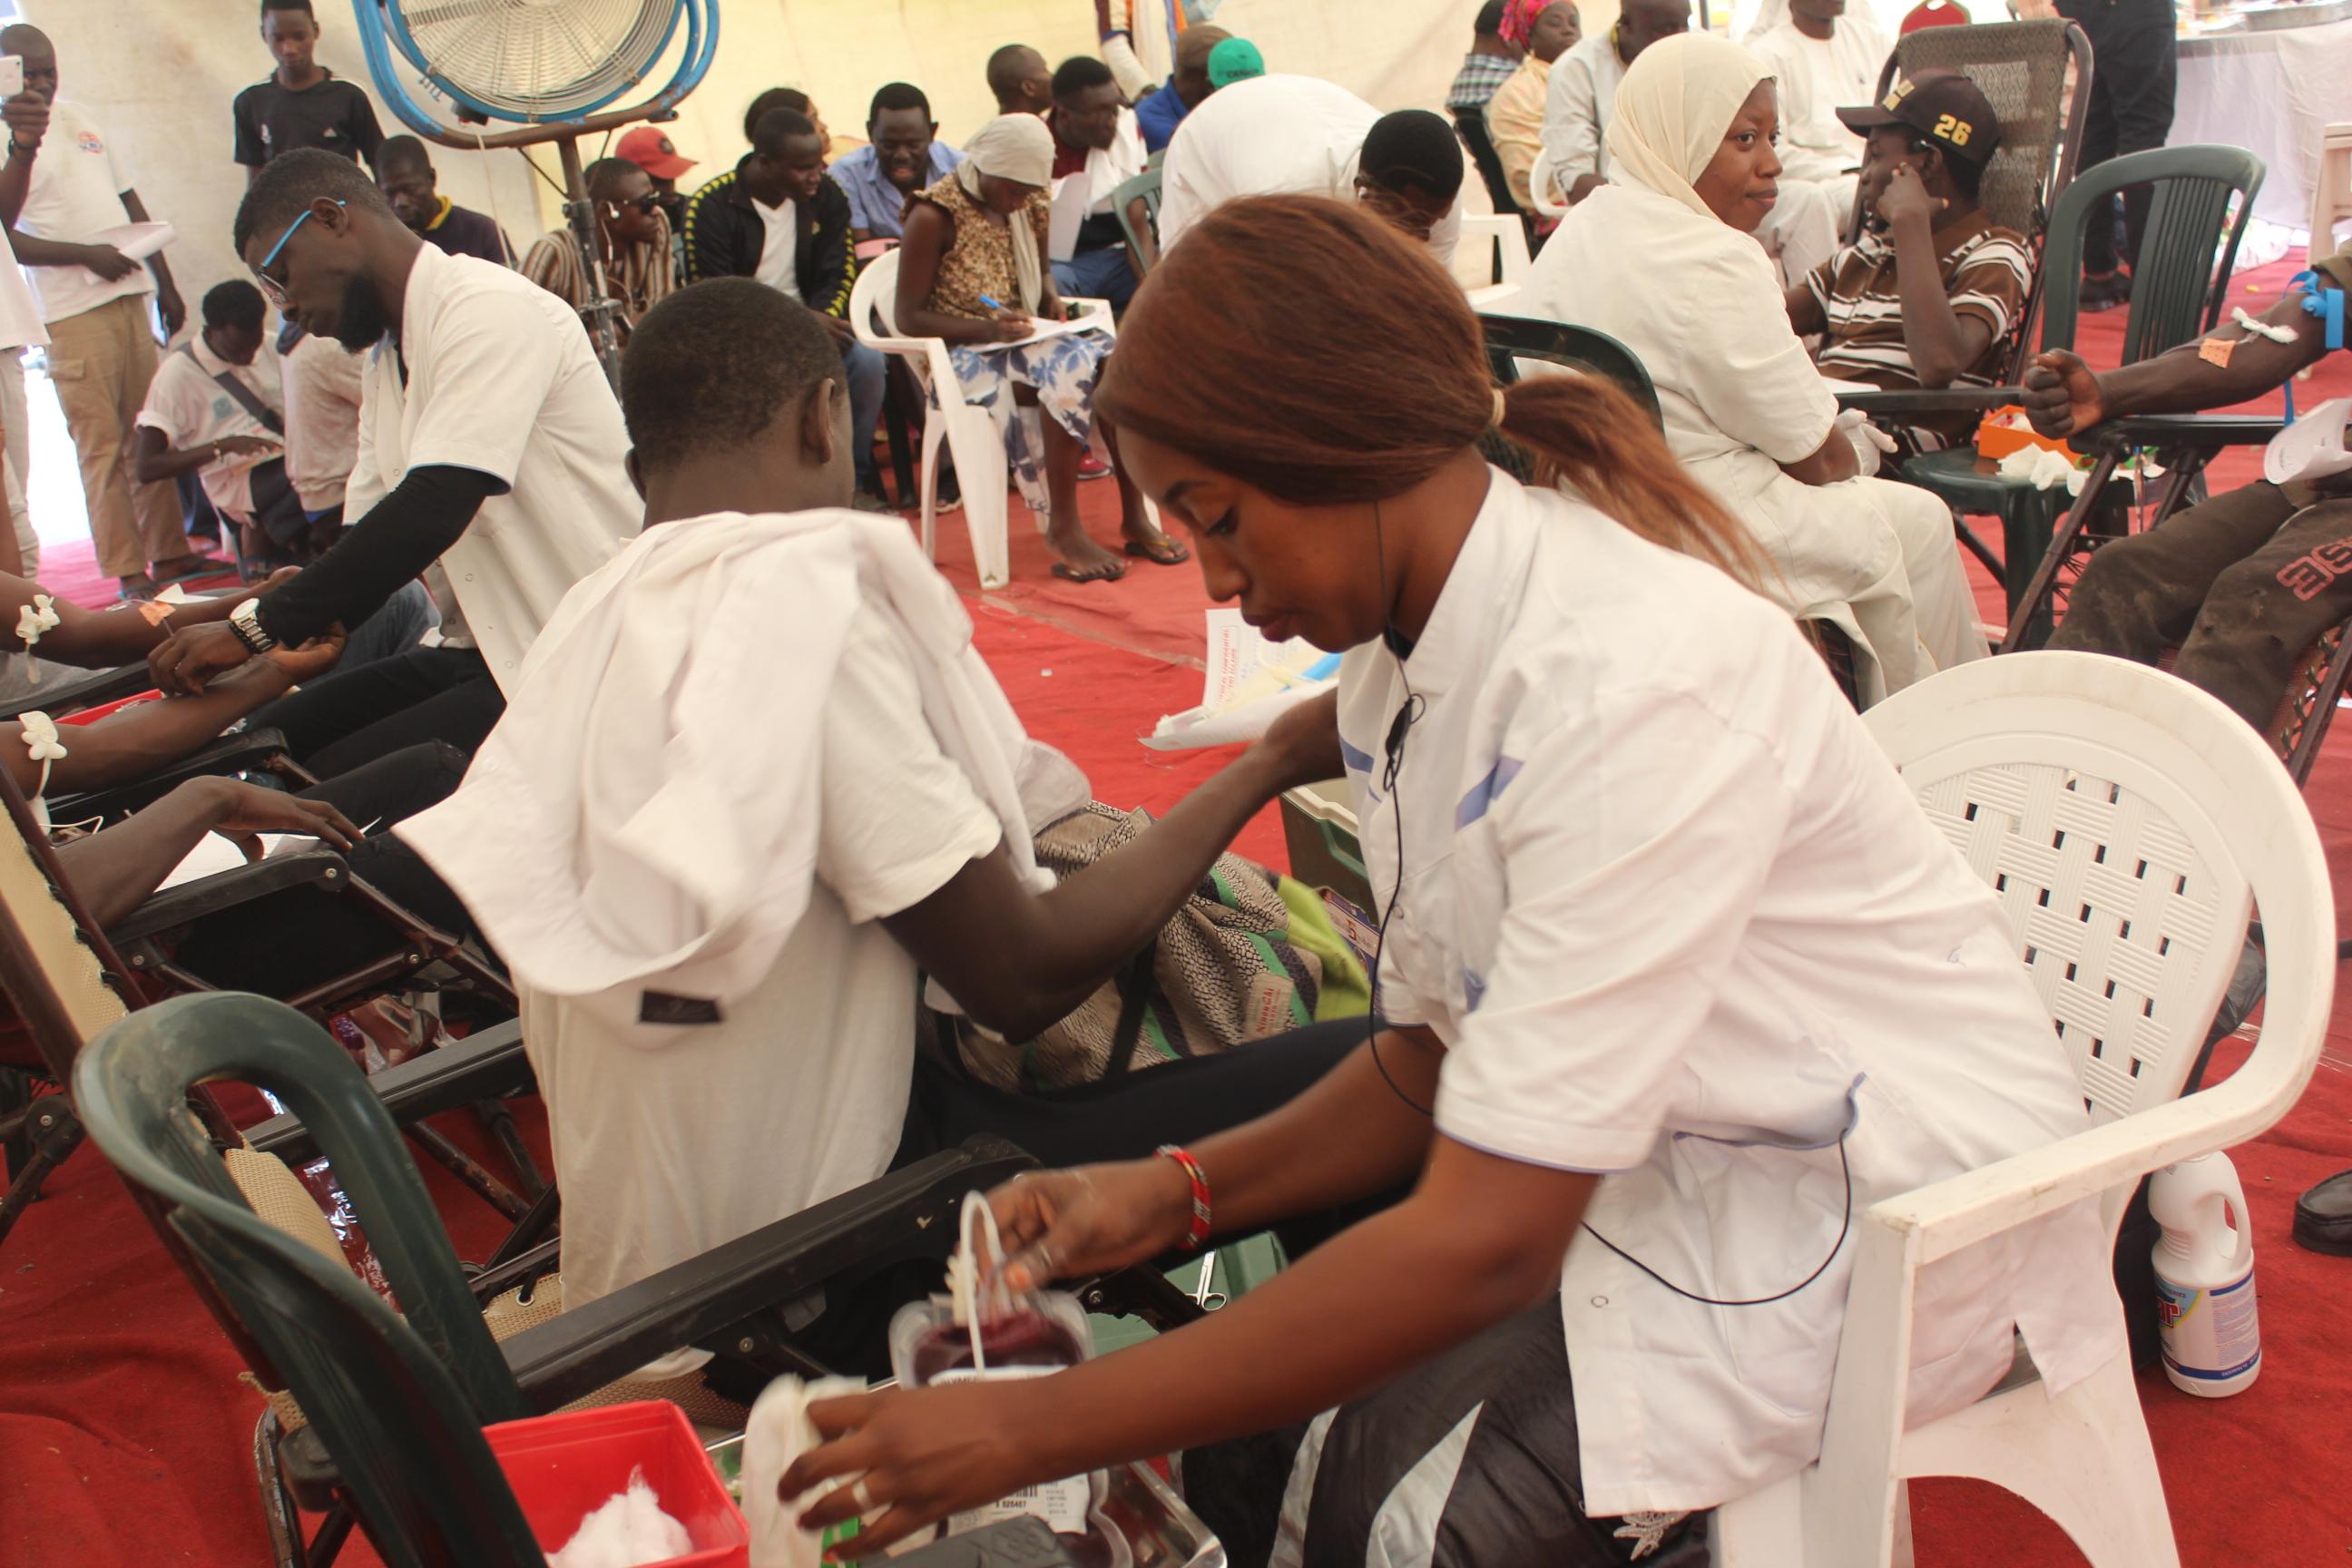 #Les10AnsDePressAfrik : En Direct du don de sang au rond-point jet d'eau (photos et vidéo)